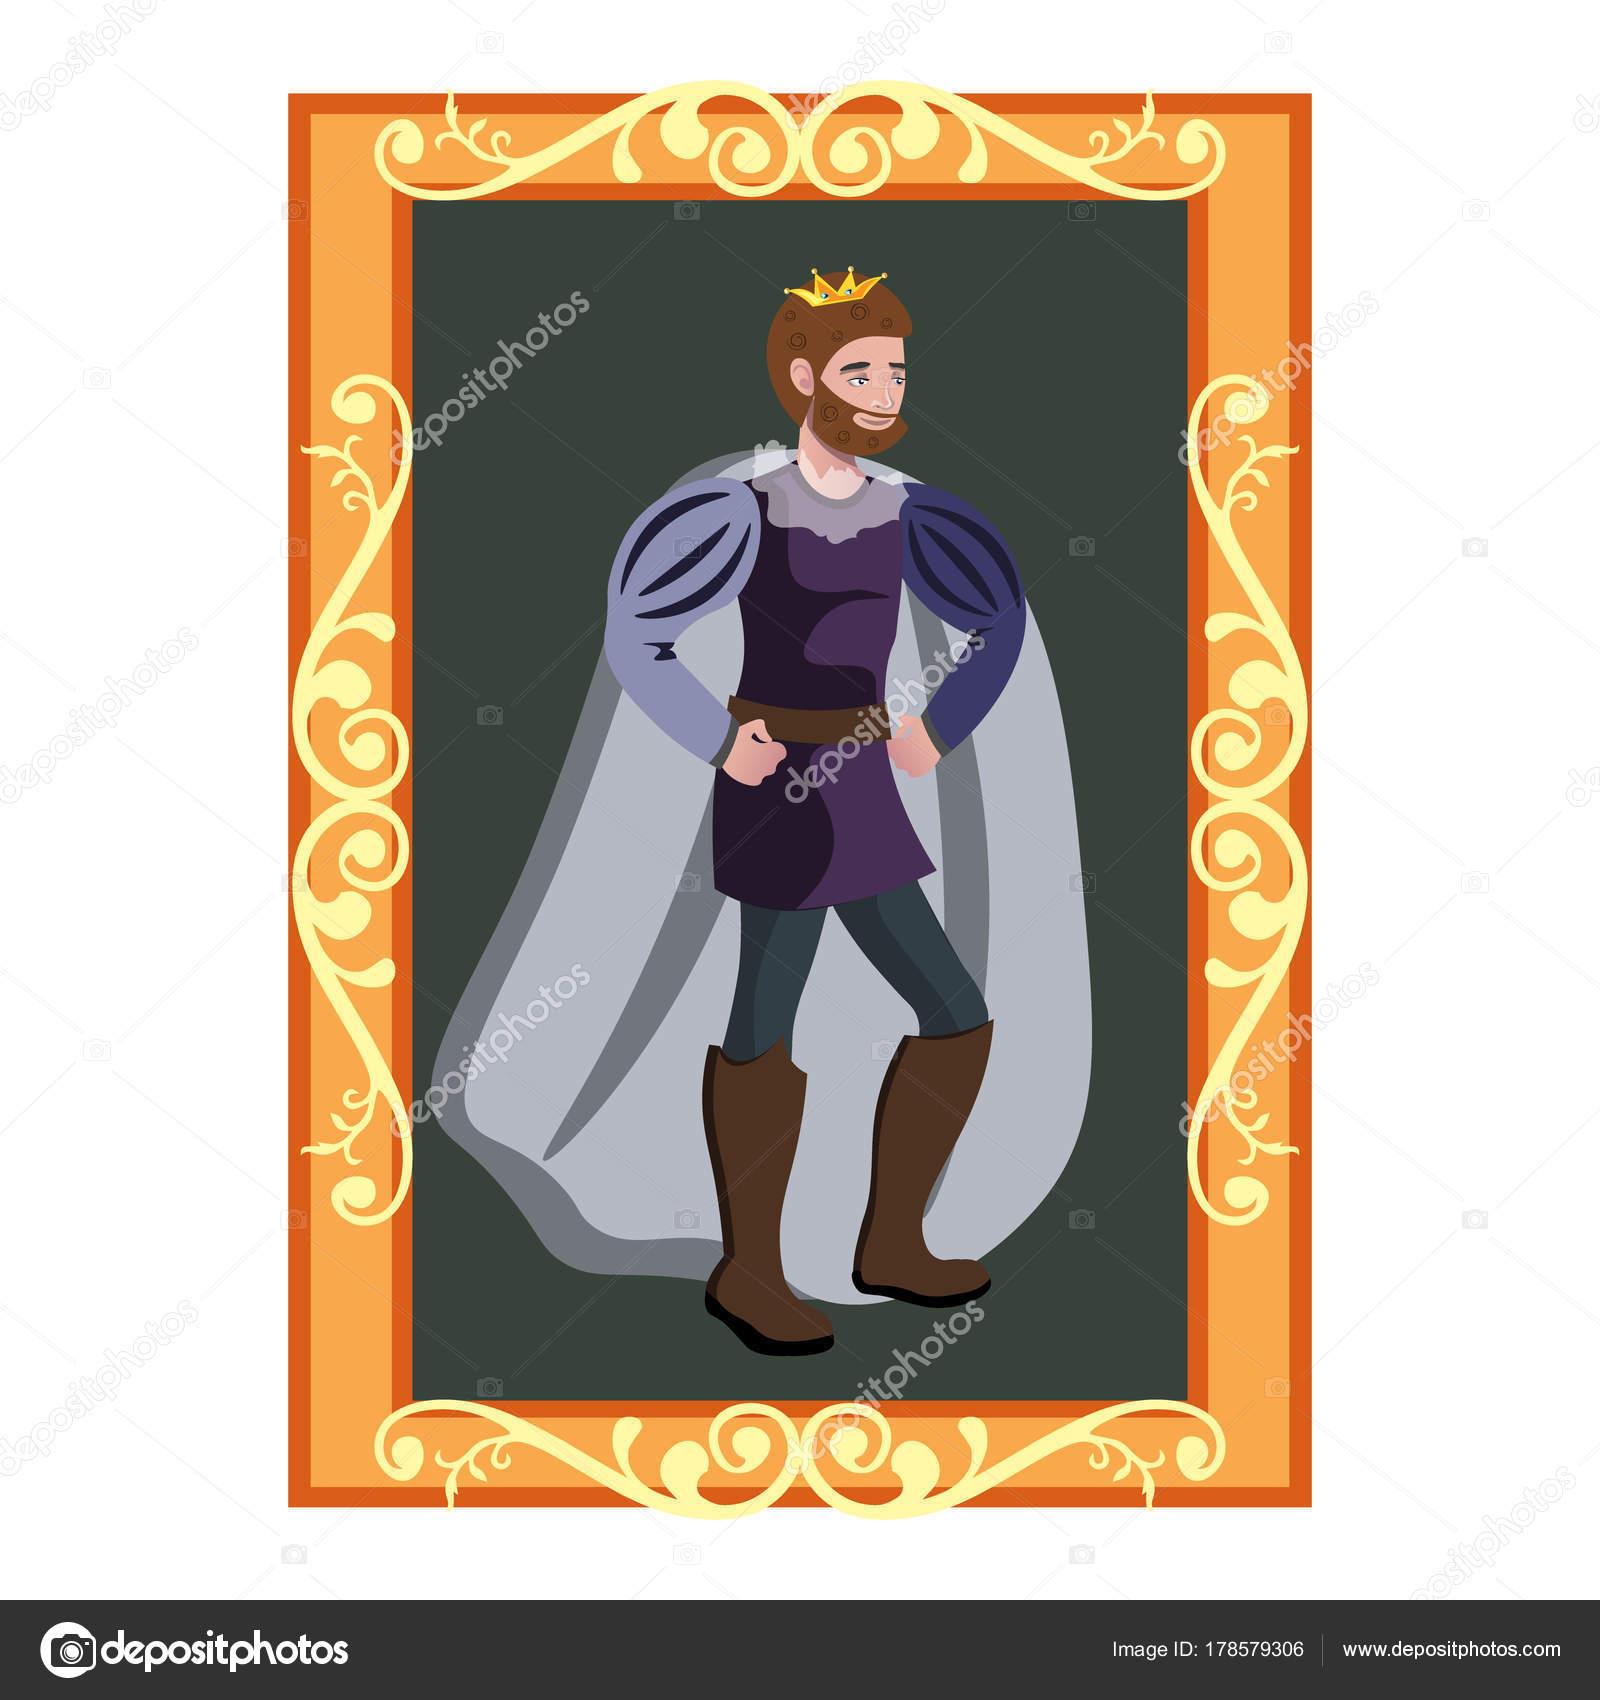 Rey de corona en marco de oro — Archivo Imágenes Vectoriales ...